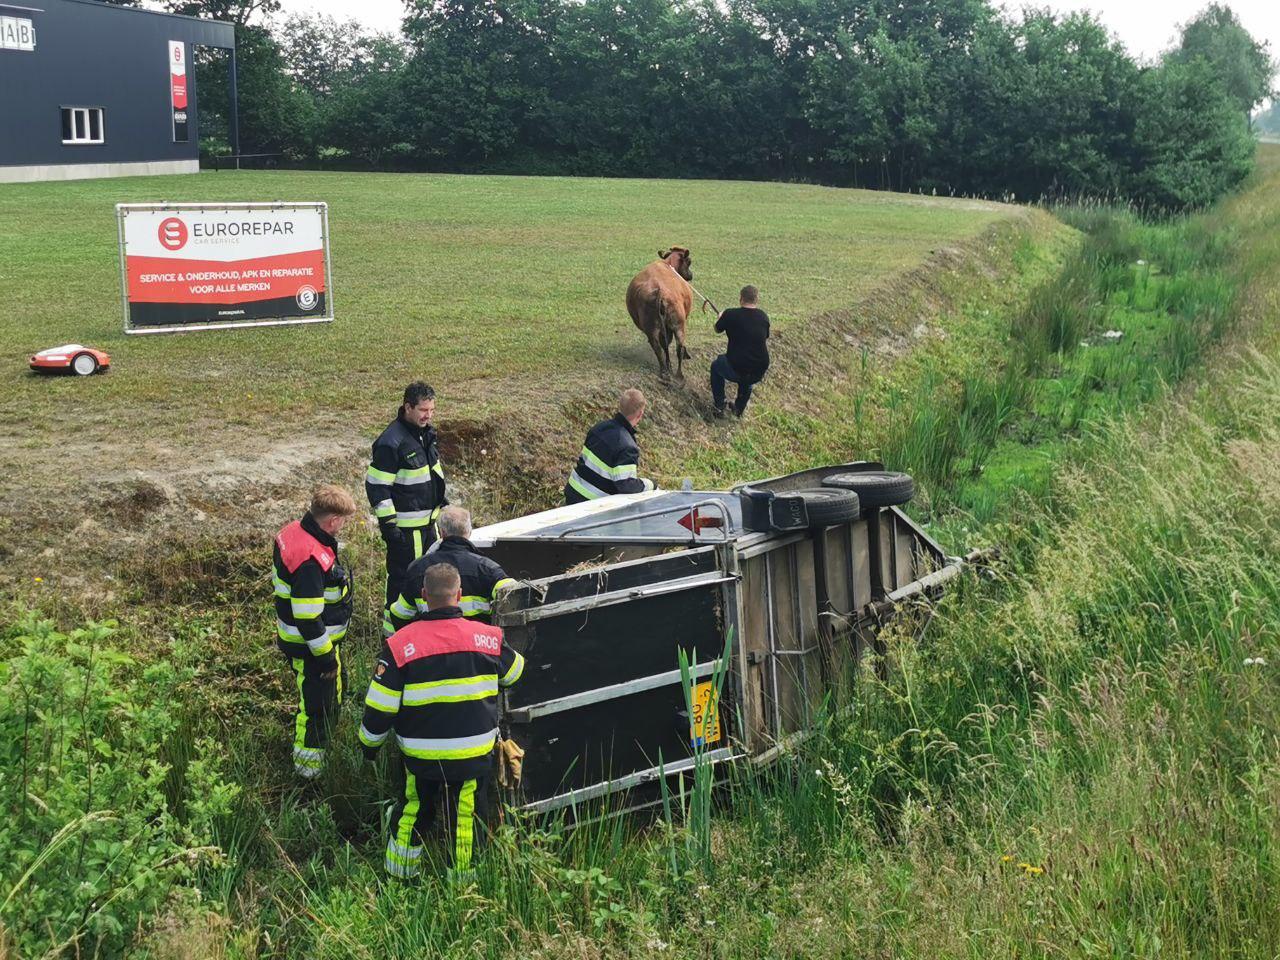 Paardentrailer met koe raakt in de sloot bij Drogeham